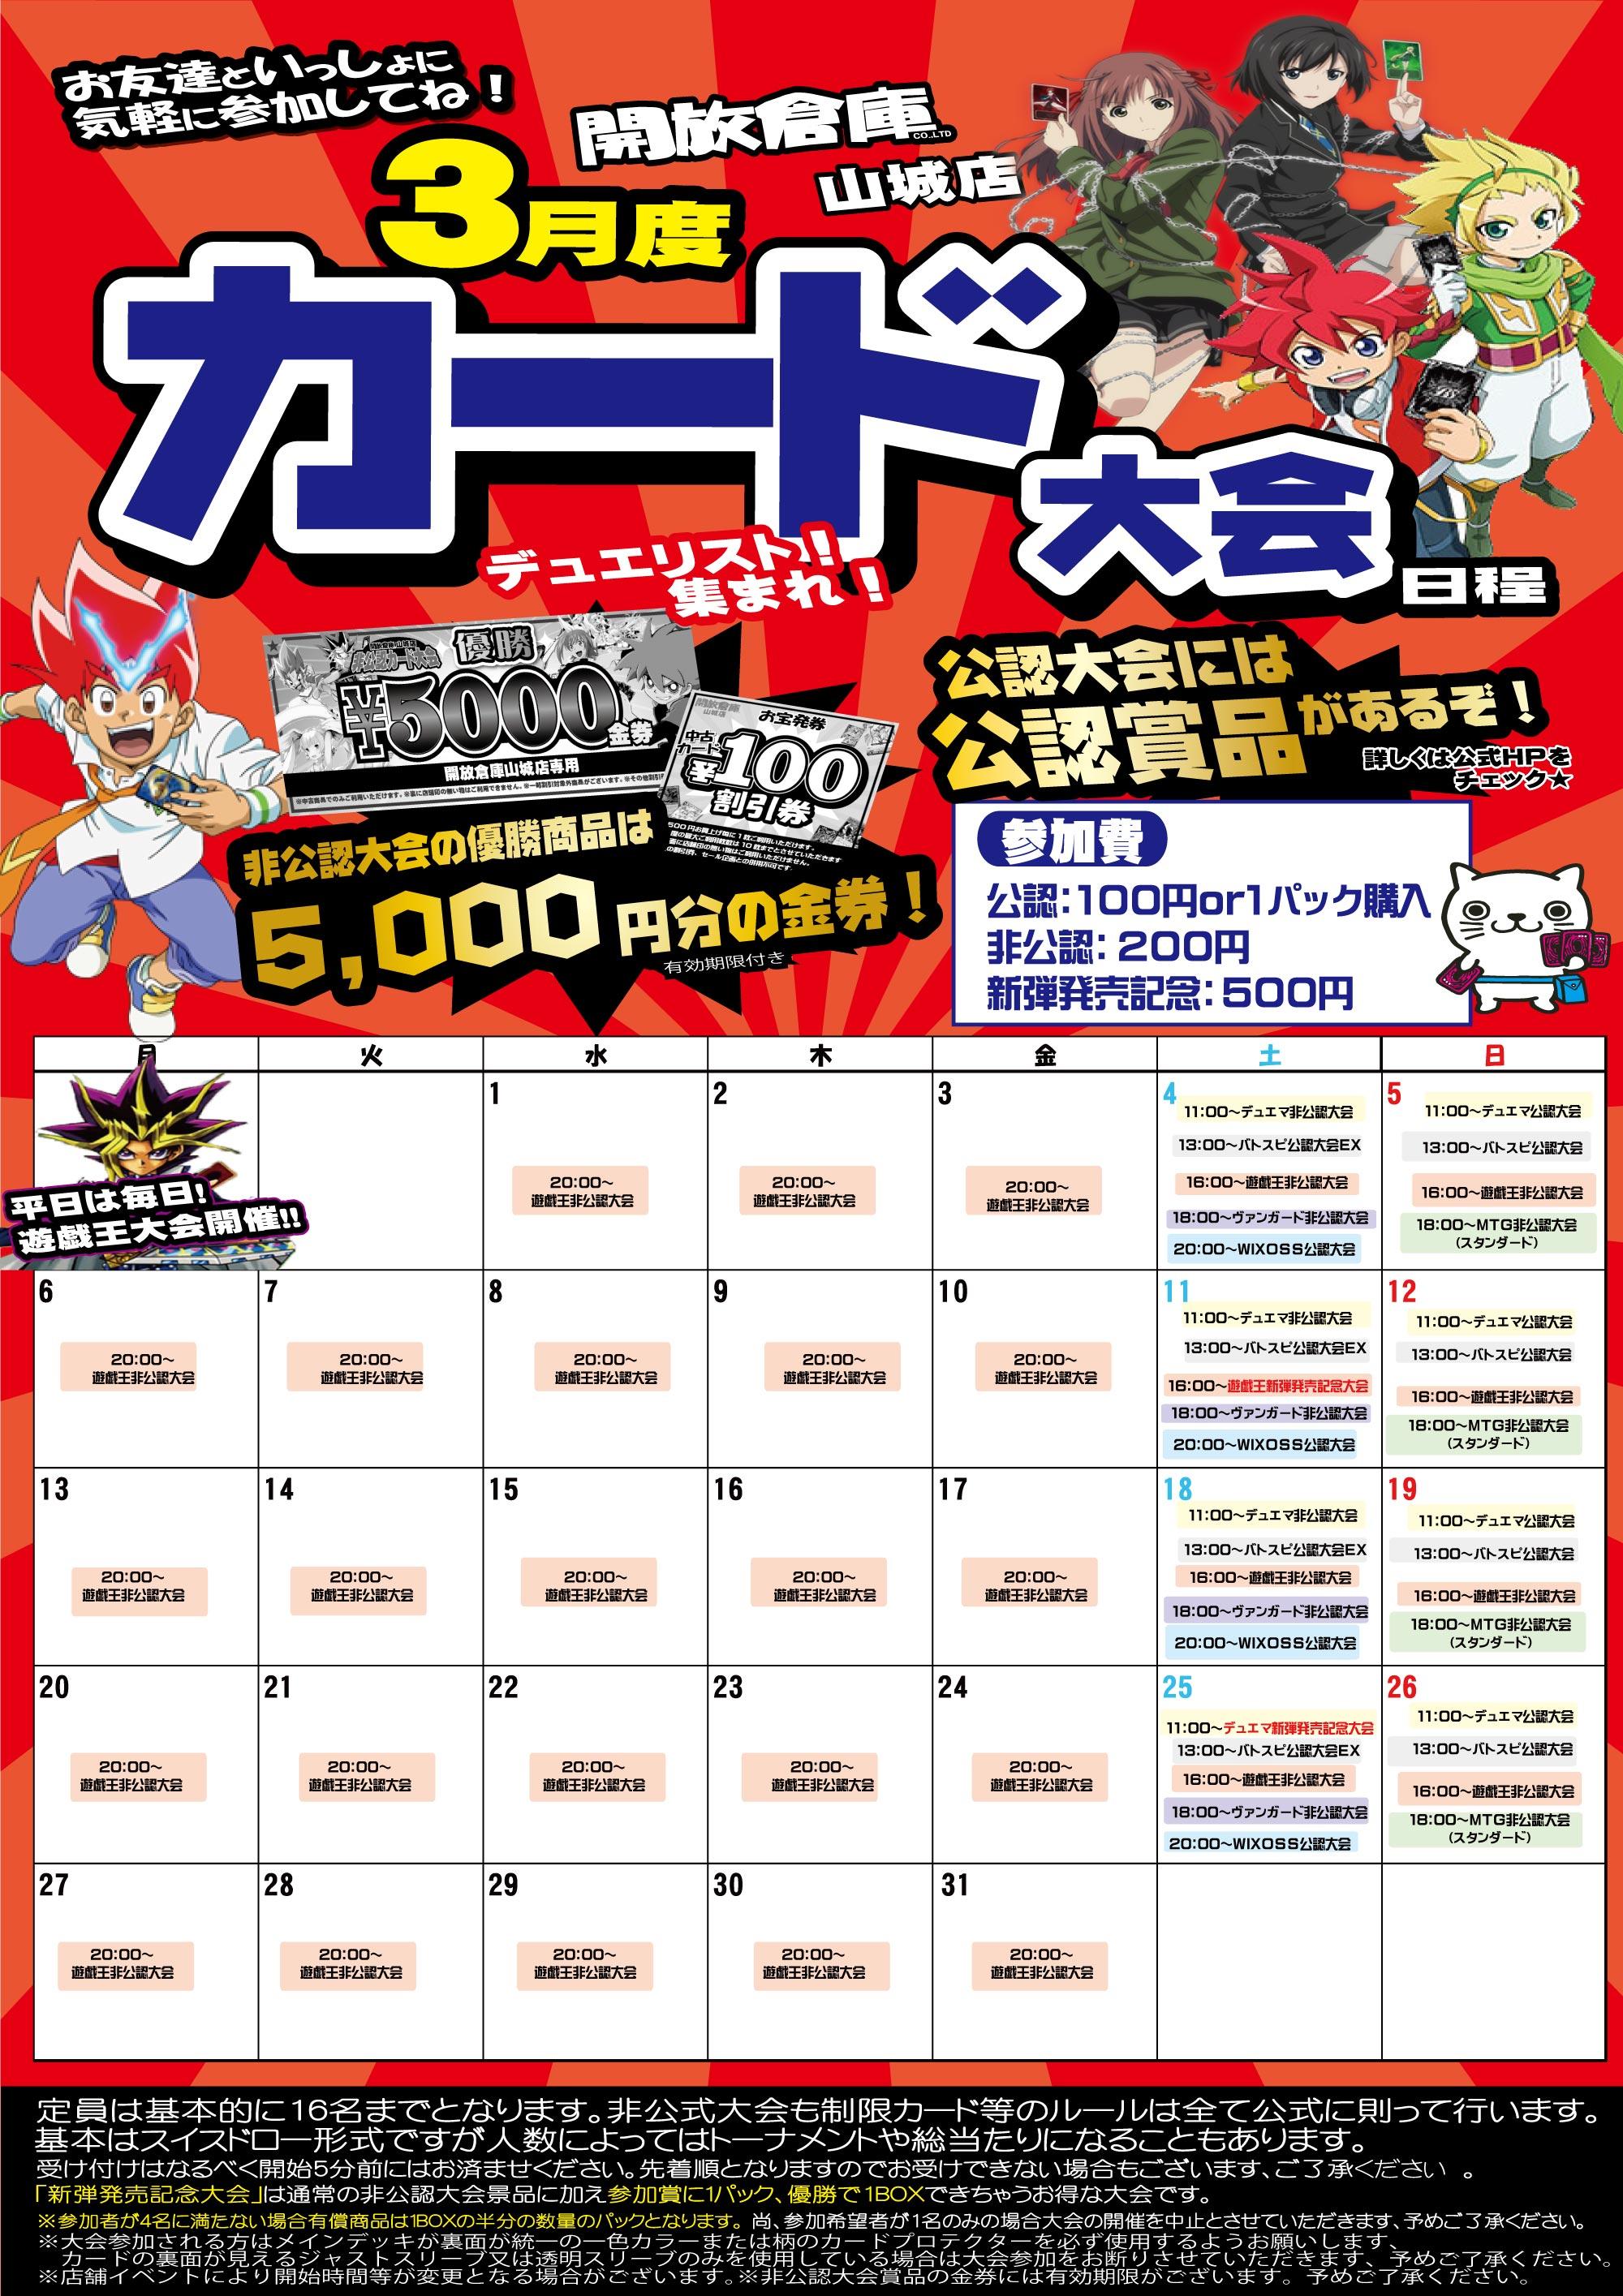 「開放倉庫山城店」2017年3月カード大会日程表更新!